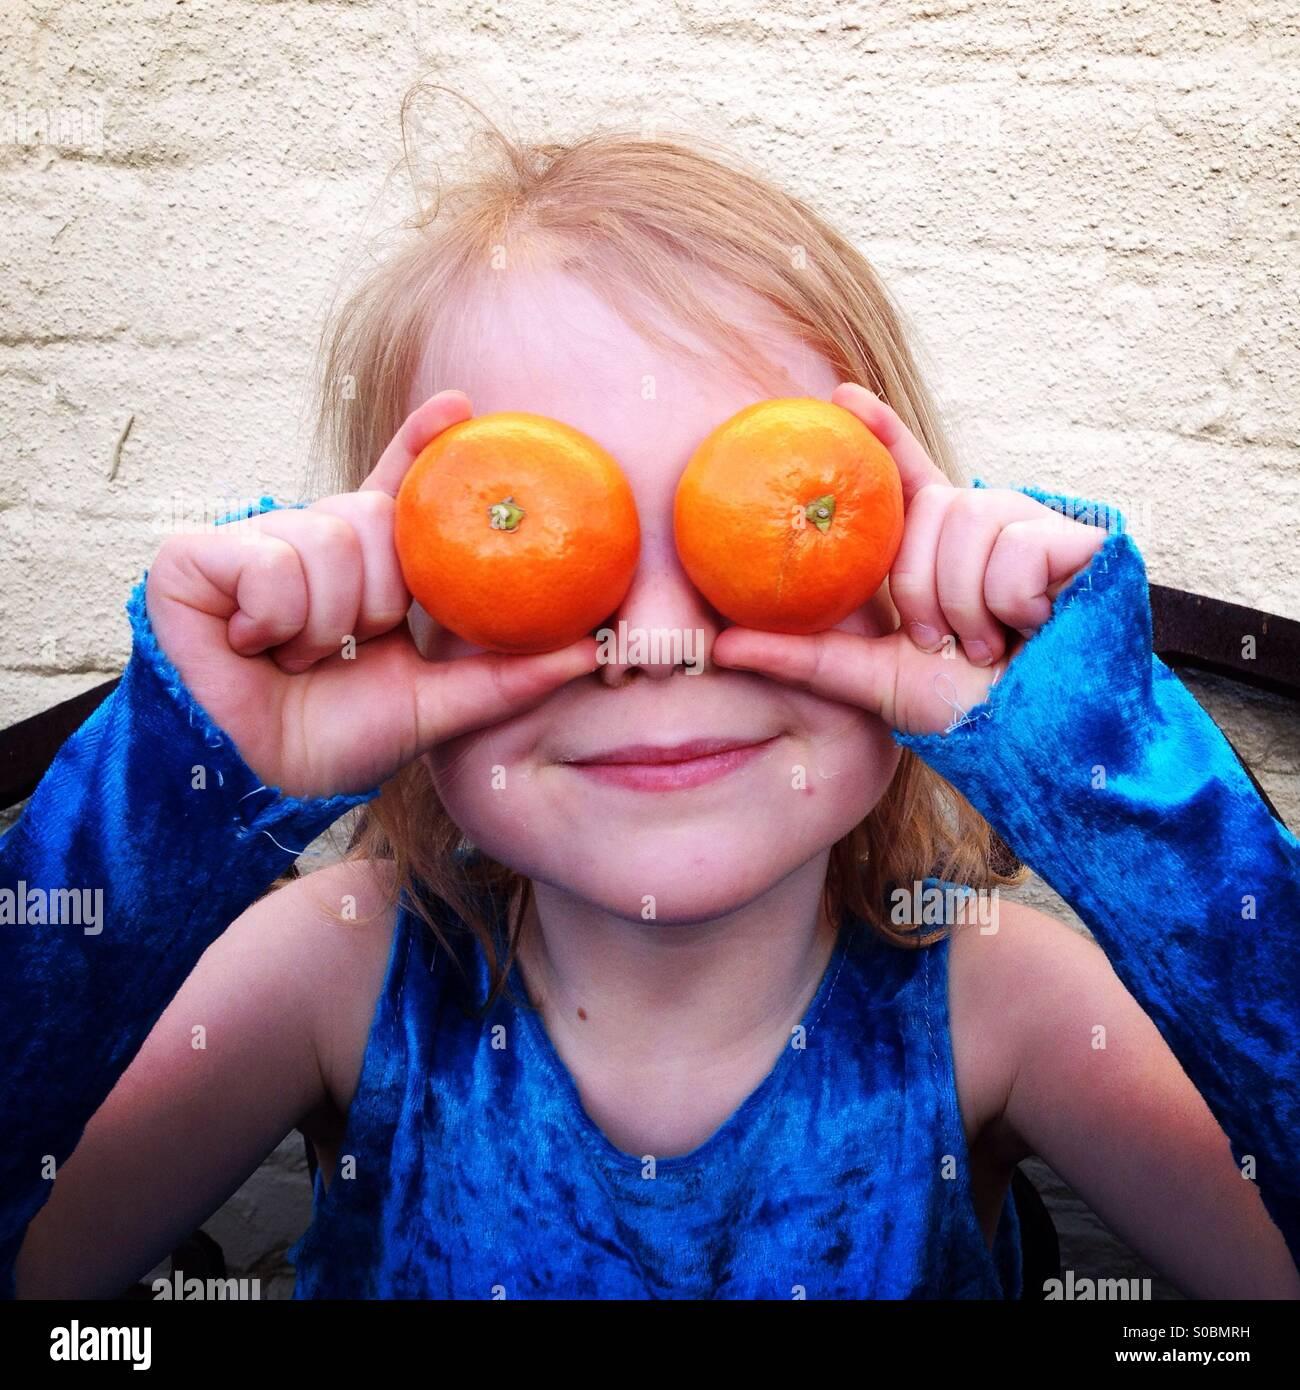 Heureux l'enfant avec des oranges que les yeux. Girl holding trop mous oranges sur ses yeux. Photo Stock